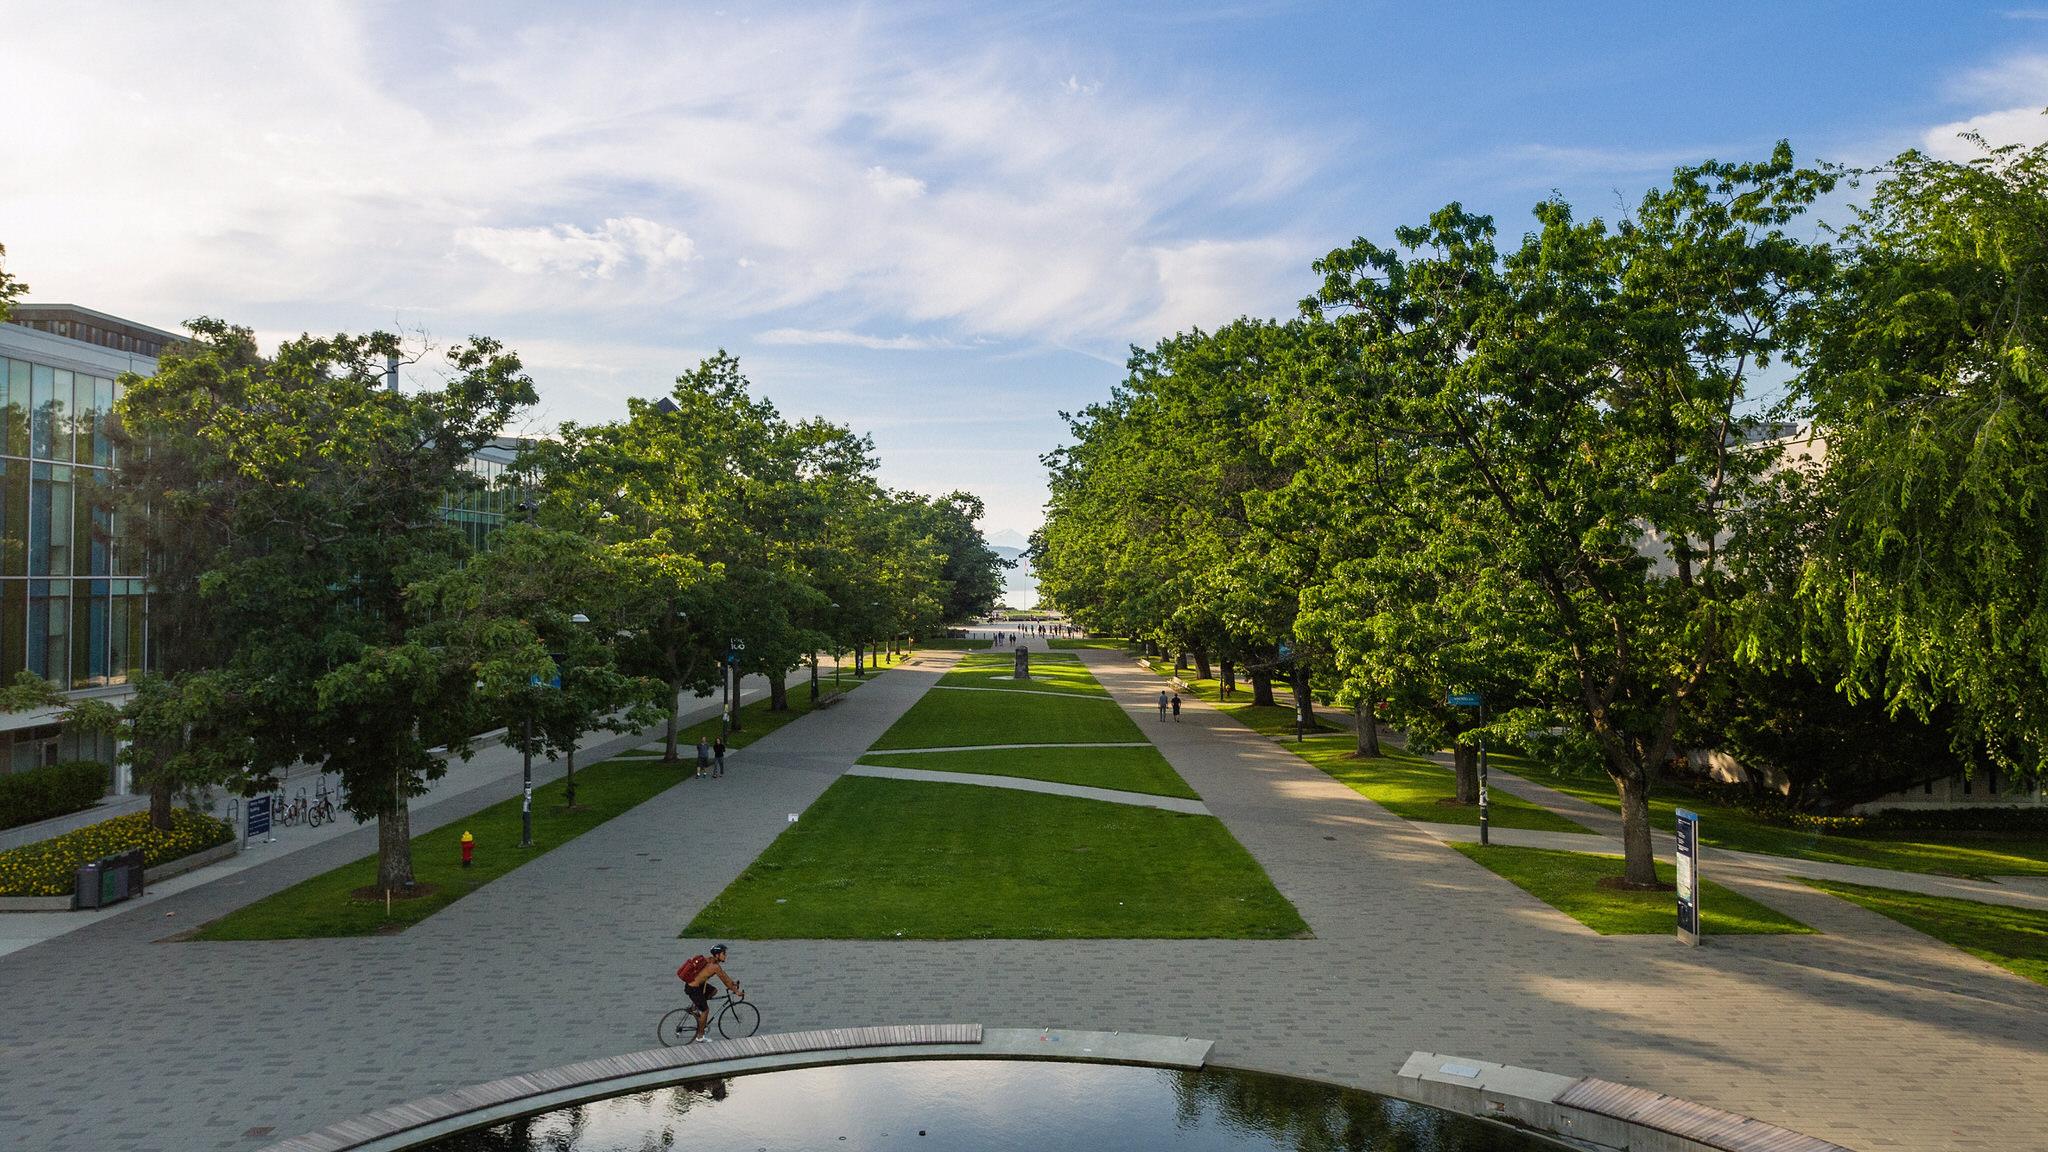 ubc-aerial-drone-uav-campus-landscape.jpg